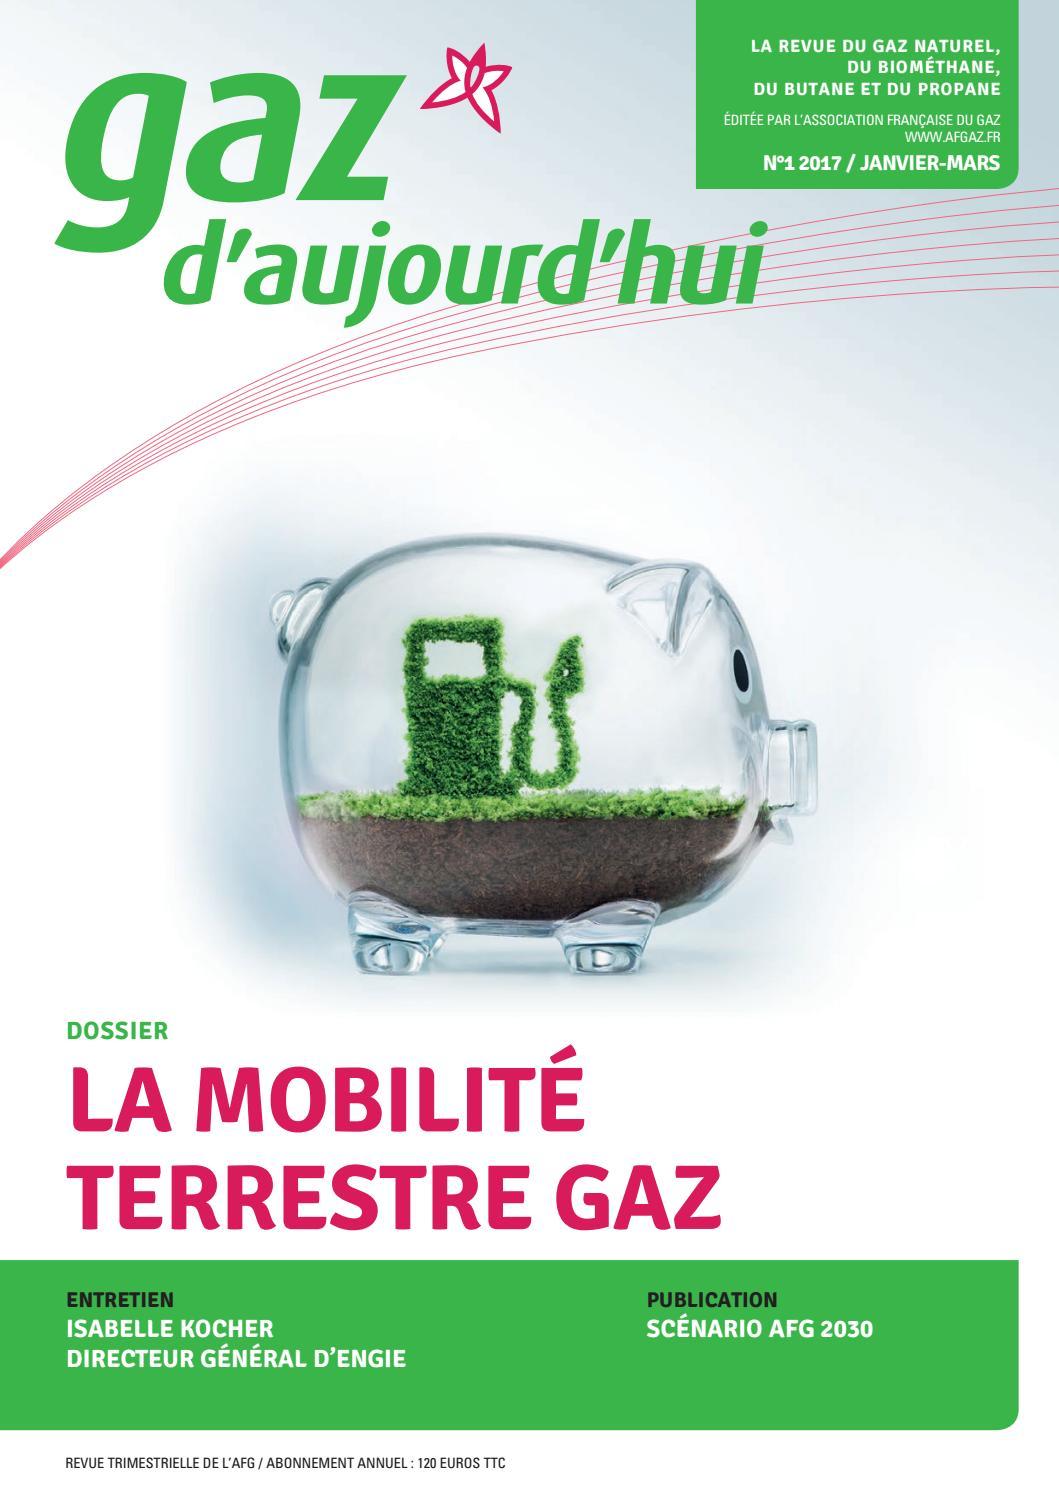 Portable 15 kW LPG gaz combustible Chauffage Entrepôt Industriel Garage Unité De Chauffage